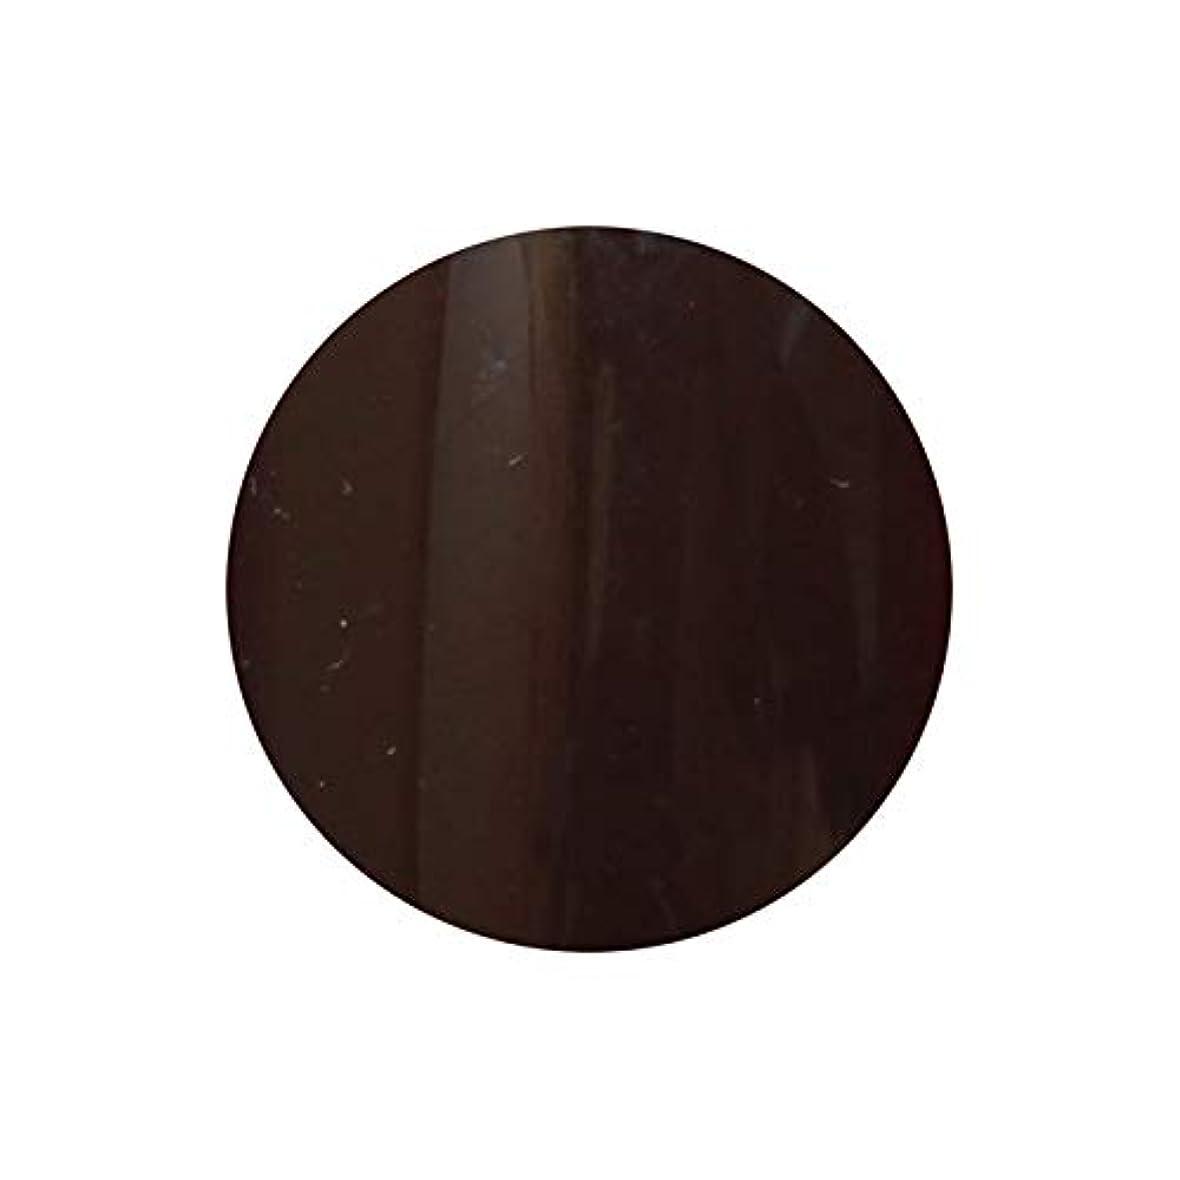 不合格程度しないでください【NEW】T-GEL COLLECTION カラージェル D222 ディープブラウン 4ml